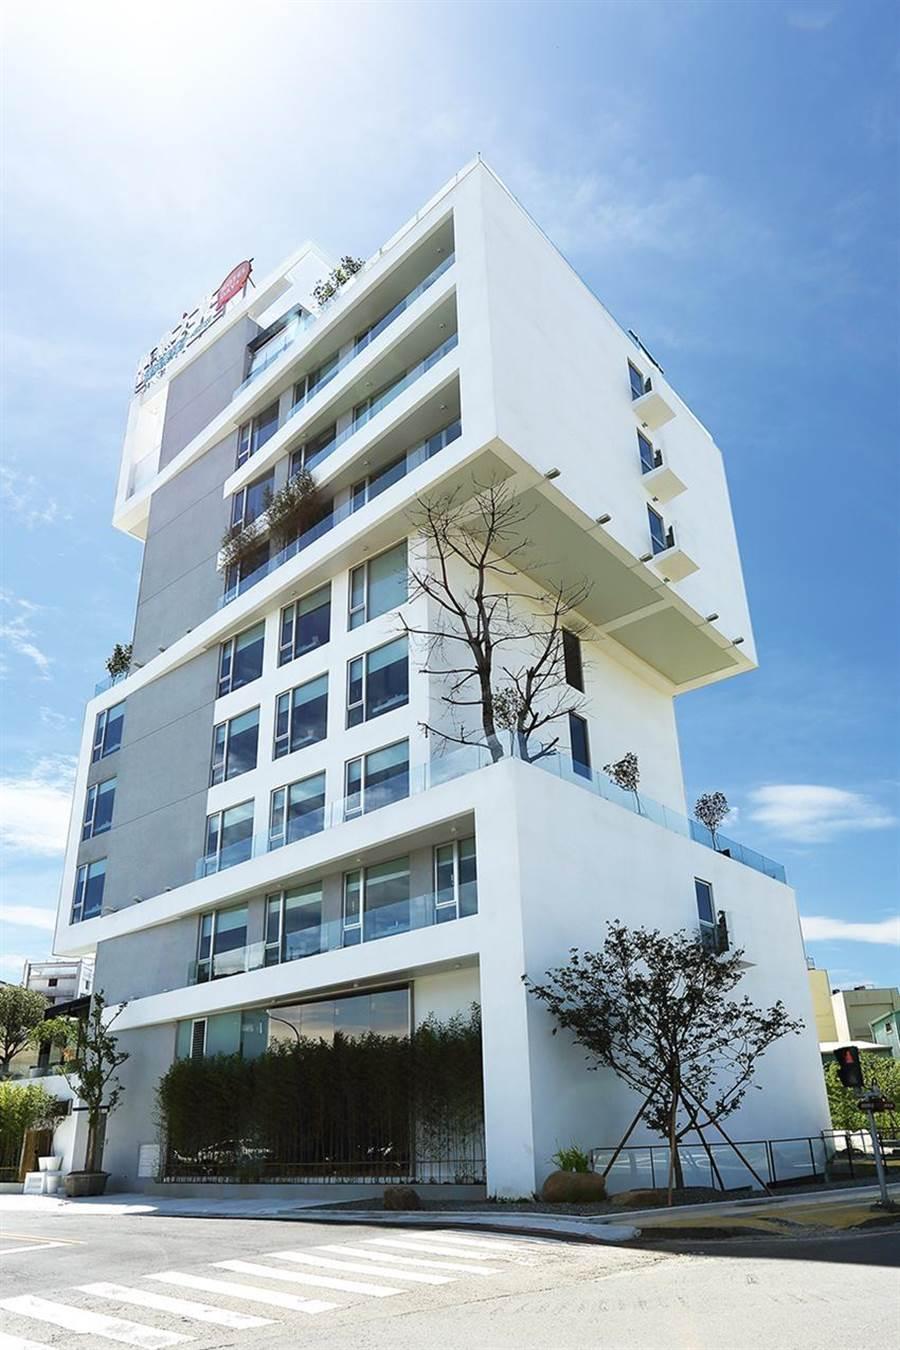 嘉義市「桃城茶樣子」2019獲網友票選為「全台最美飯店」最高票,9月釋出住房優惠方案。(圖/承億文旅)